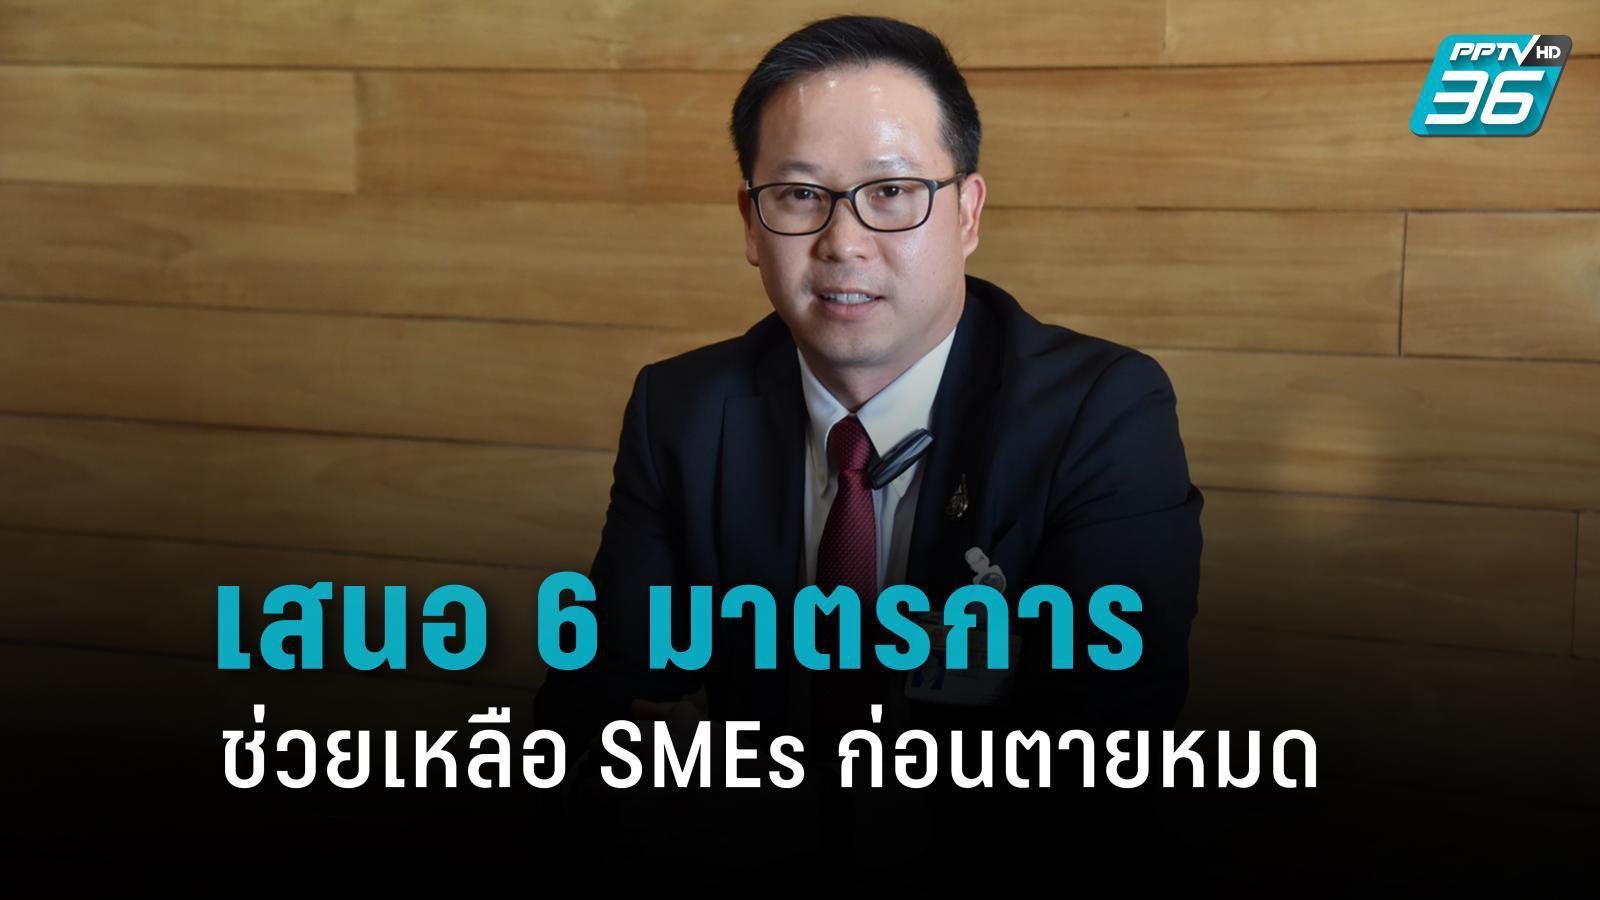 """""""เพื่อไทย"""" เสนอ 6 มาตรการ เร่งช่วยเหลือ SMEs ก่อนตายหมด"""